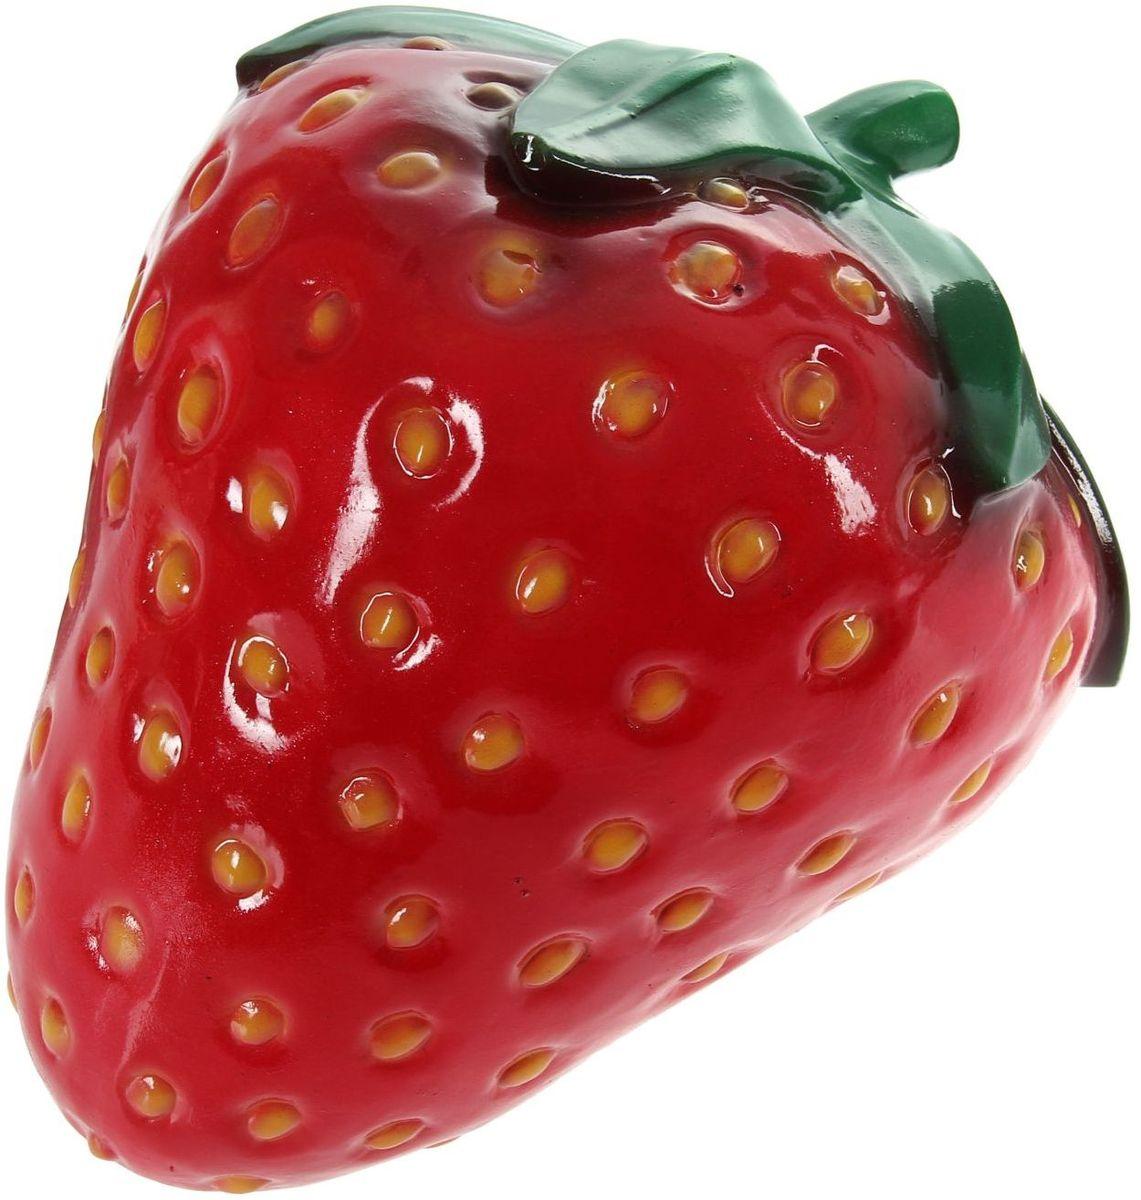 Фигура садовая Керамика ручной работы Клубника, 25 х 32 х 32 см1131650Не удаётся вырастить крупную клубнику? Не беда. Эта большая яркая ягода затмит на садовом участке любой урожай. Колоритный декор добавит окружающему пространству новые краски, удивит соседей и вызовет восторг гостей. С помощью яркой садовой фигуры легко расставлять акценты, например, привлечь внимание к цветочной клумбе или водоёму. Украшайте любимый сад оригинально? Садовая фигура из керамики легко выдержит уличные условия. Этот материал экологичен, ему не страшны прямые солнечные лучи, влажность и перепады температуры.